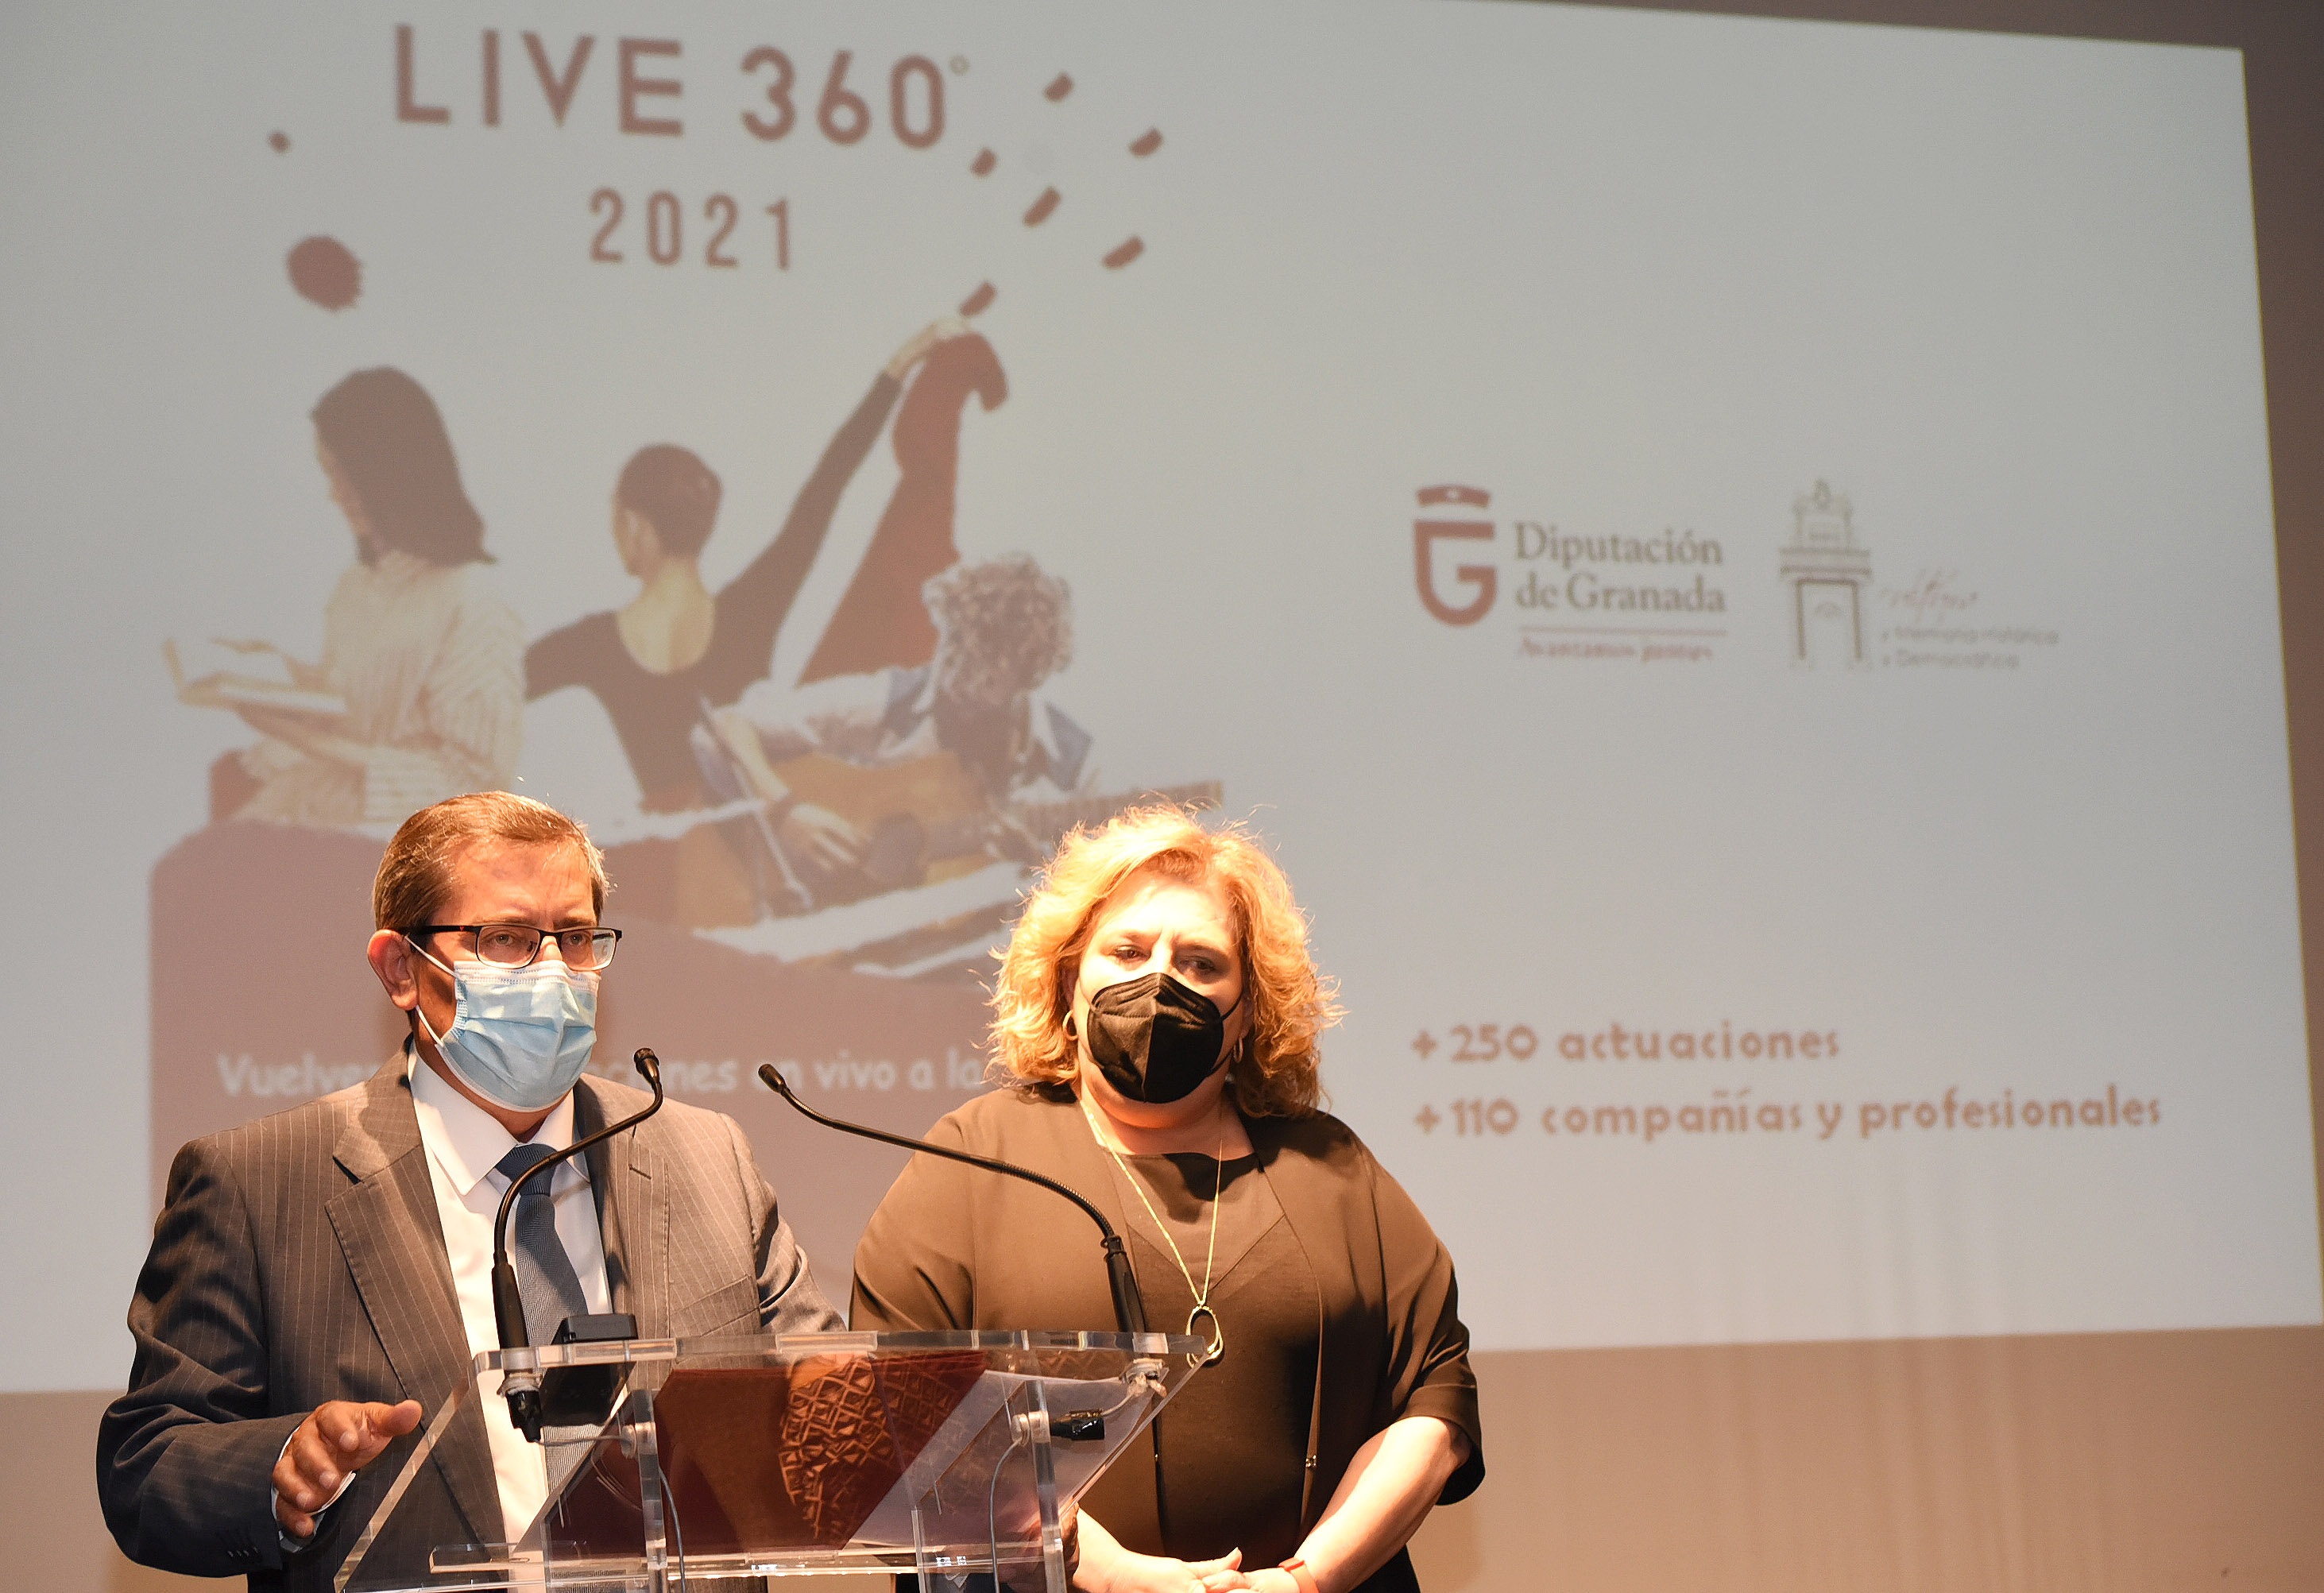 La Diputación se alía con la cultura y programa 250 actuaciones para este verano en los municipios